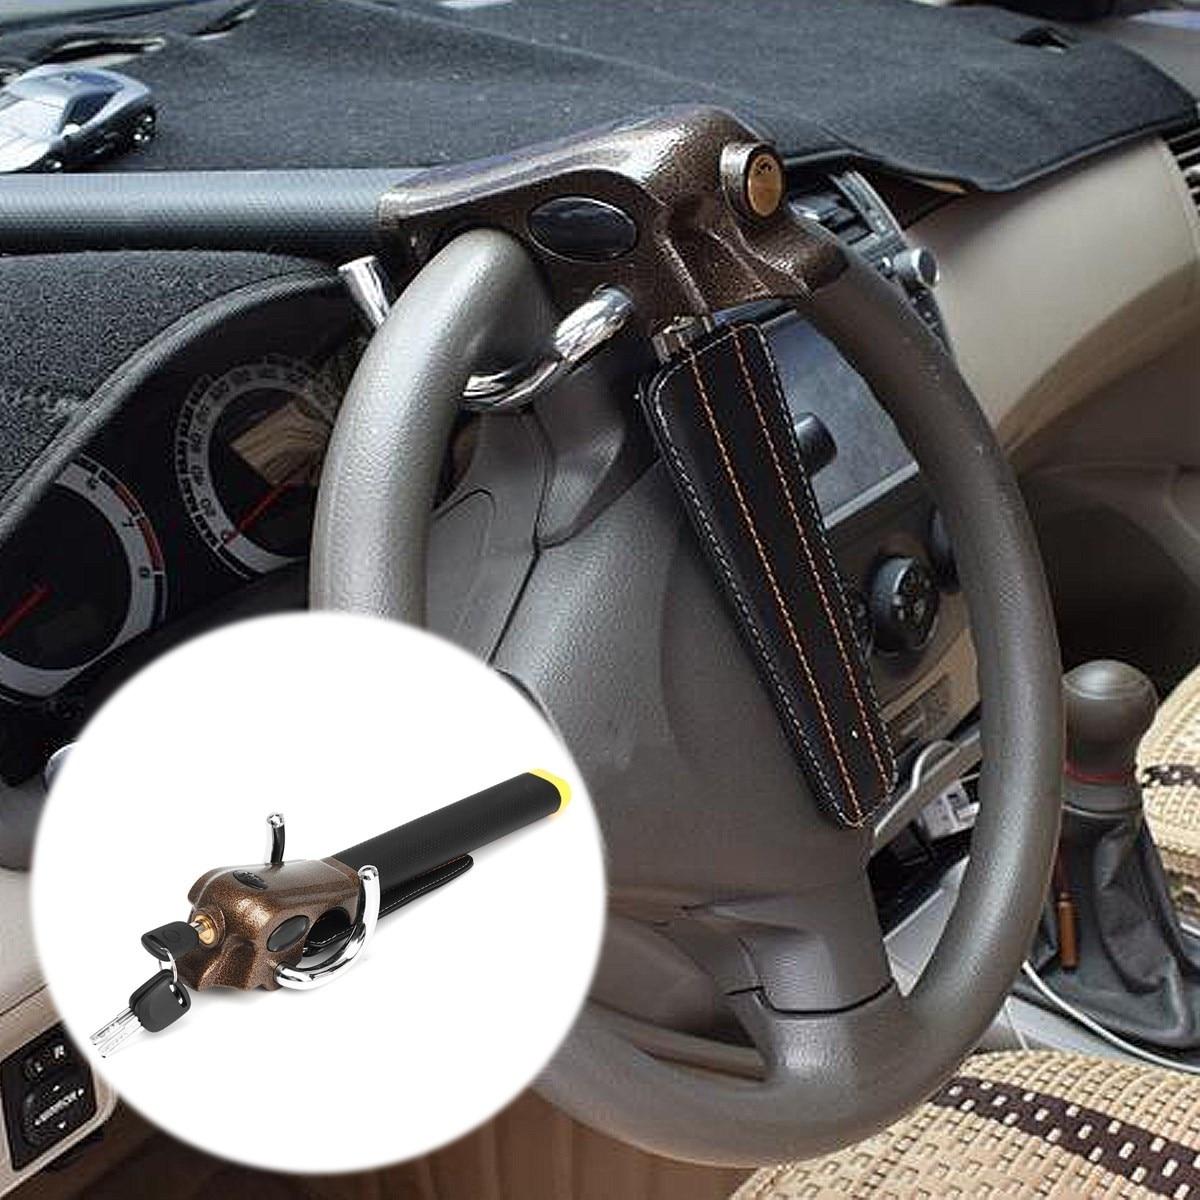 قفل أمان مضاد للسرقة للسيارة ، قفل أمان للوسادة الهوائية ، مع مفاتيح على شكل حرف T ، لسيارة SUV العالمية